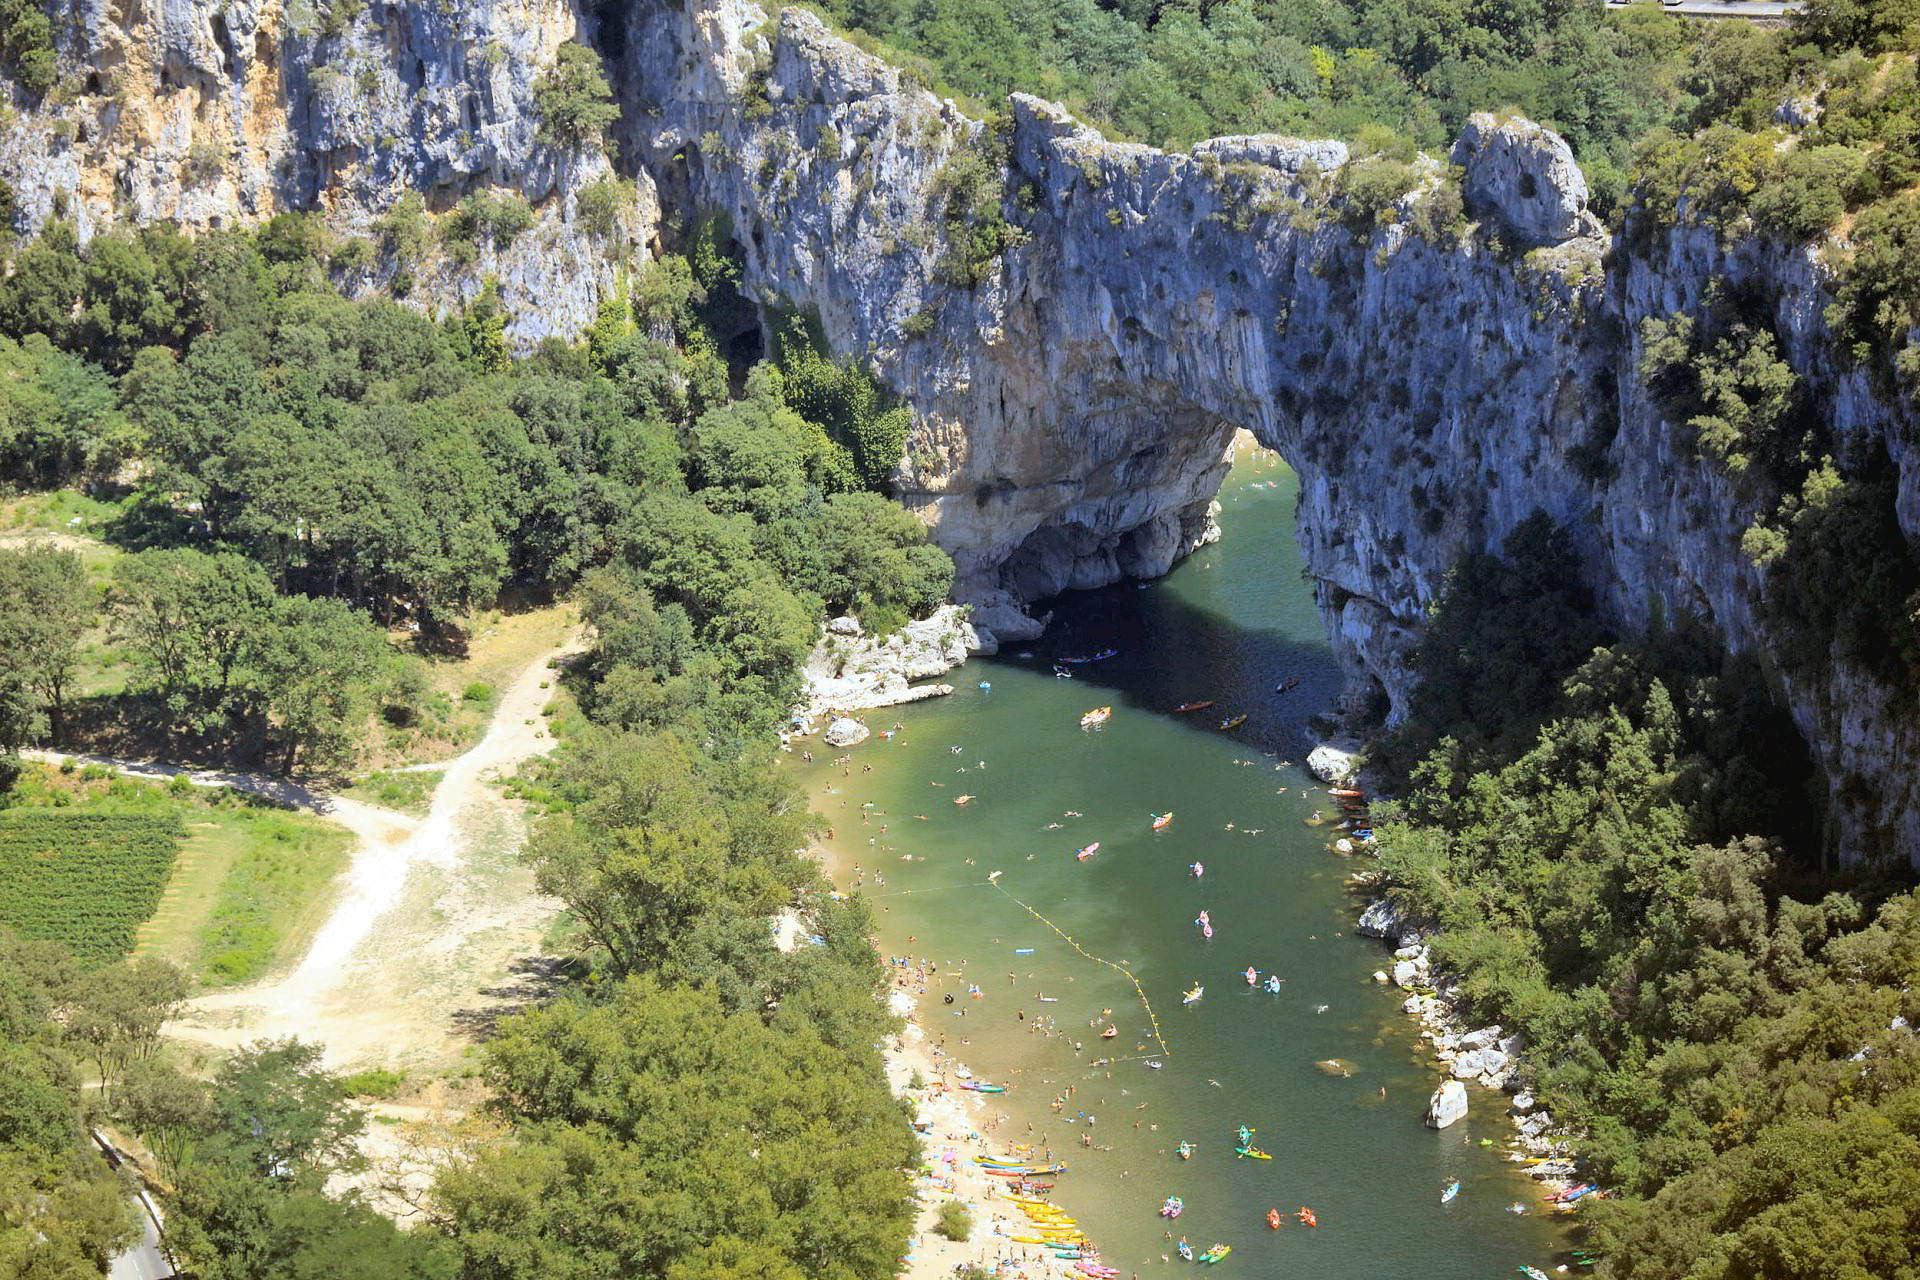 Le Pont d'Arc - Gorges de l'Ardèche